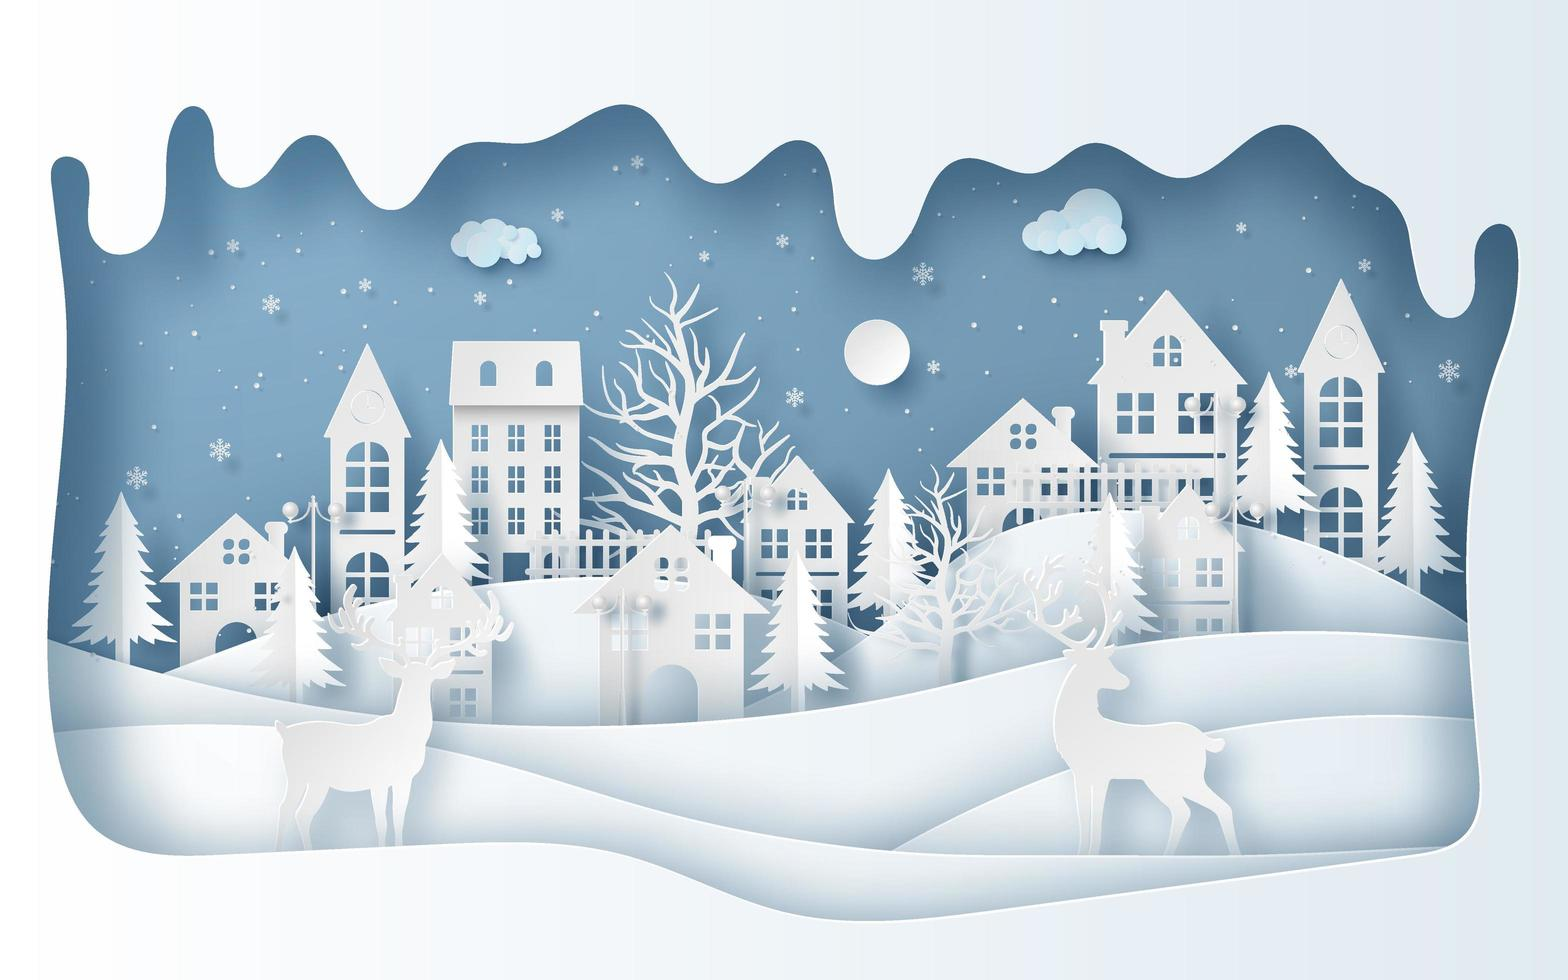 papier kunststijl van rendieren in het dorp in de winter vector